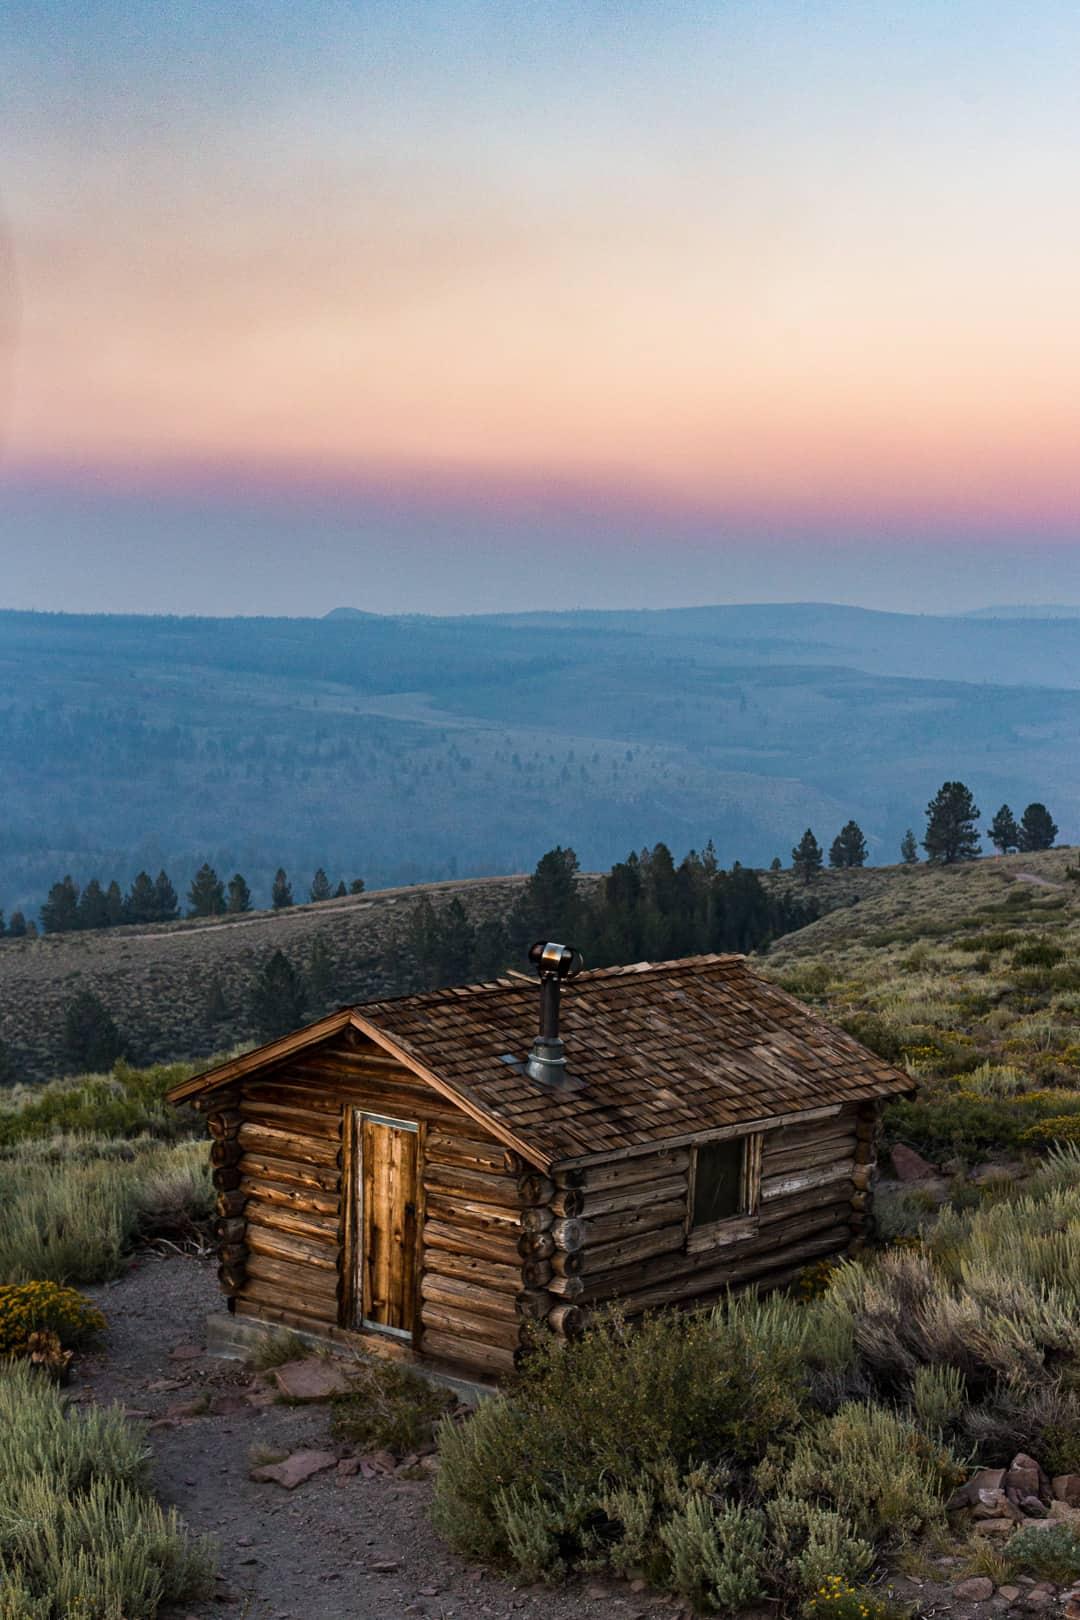 Cabin, Eastern Sierra, August 2018